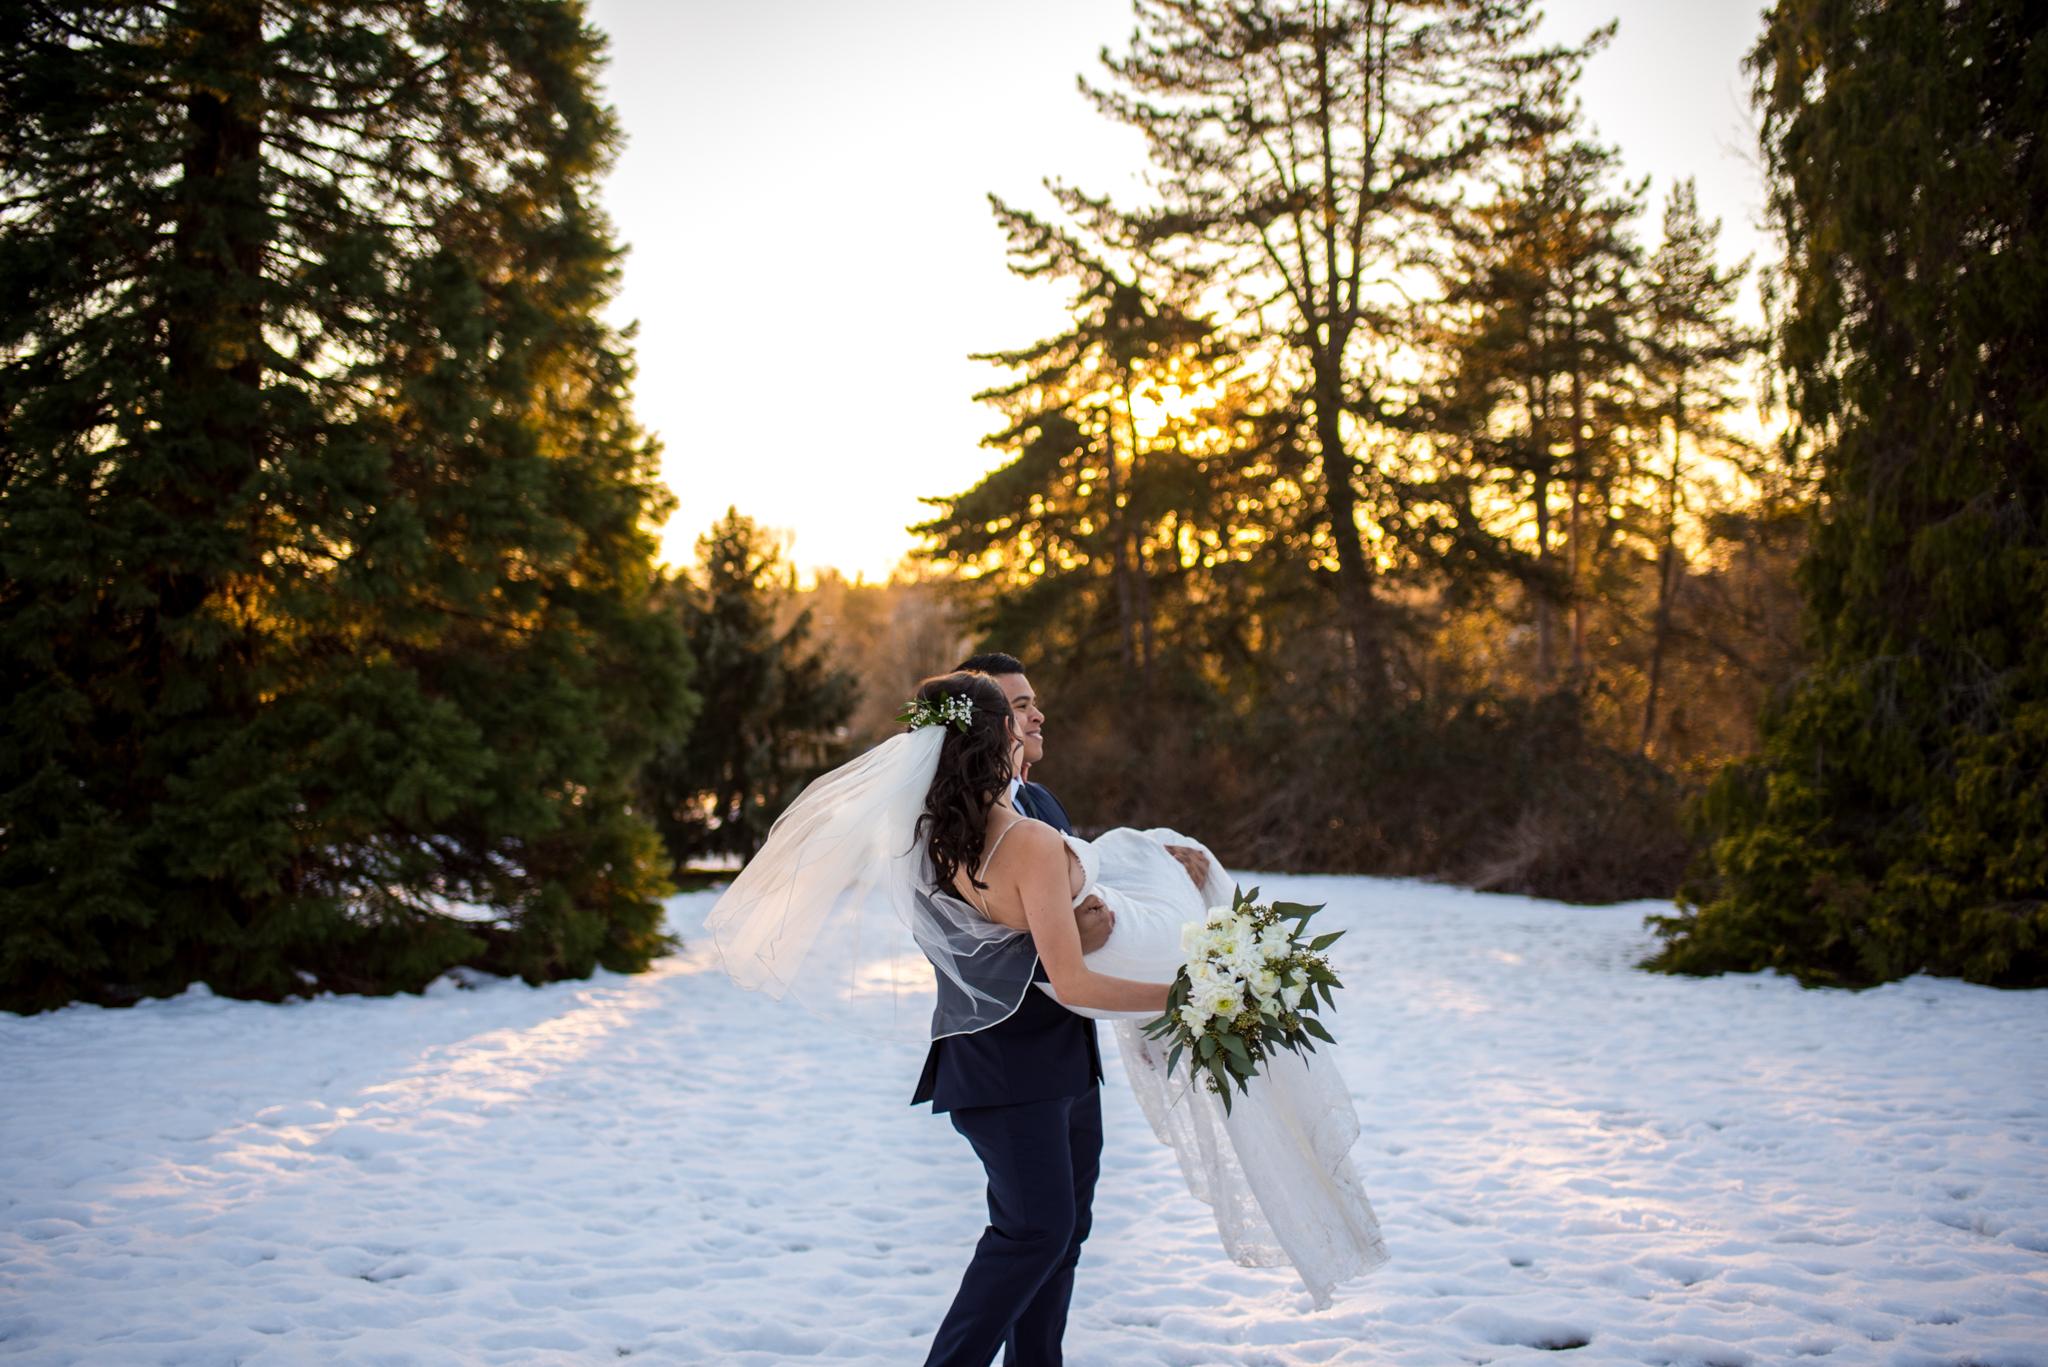 Queen Elizabeth Park Wedding Photographer-25.JPG